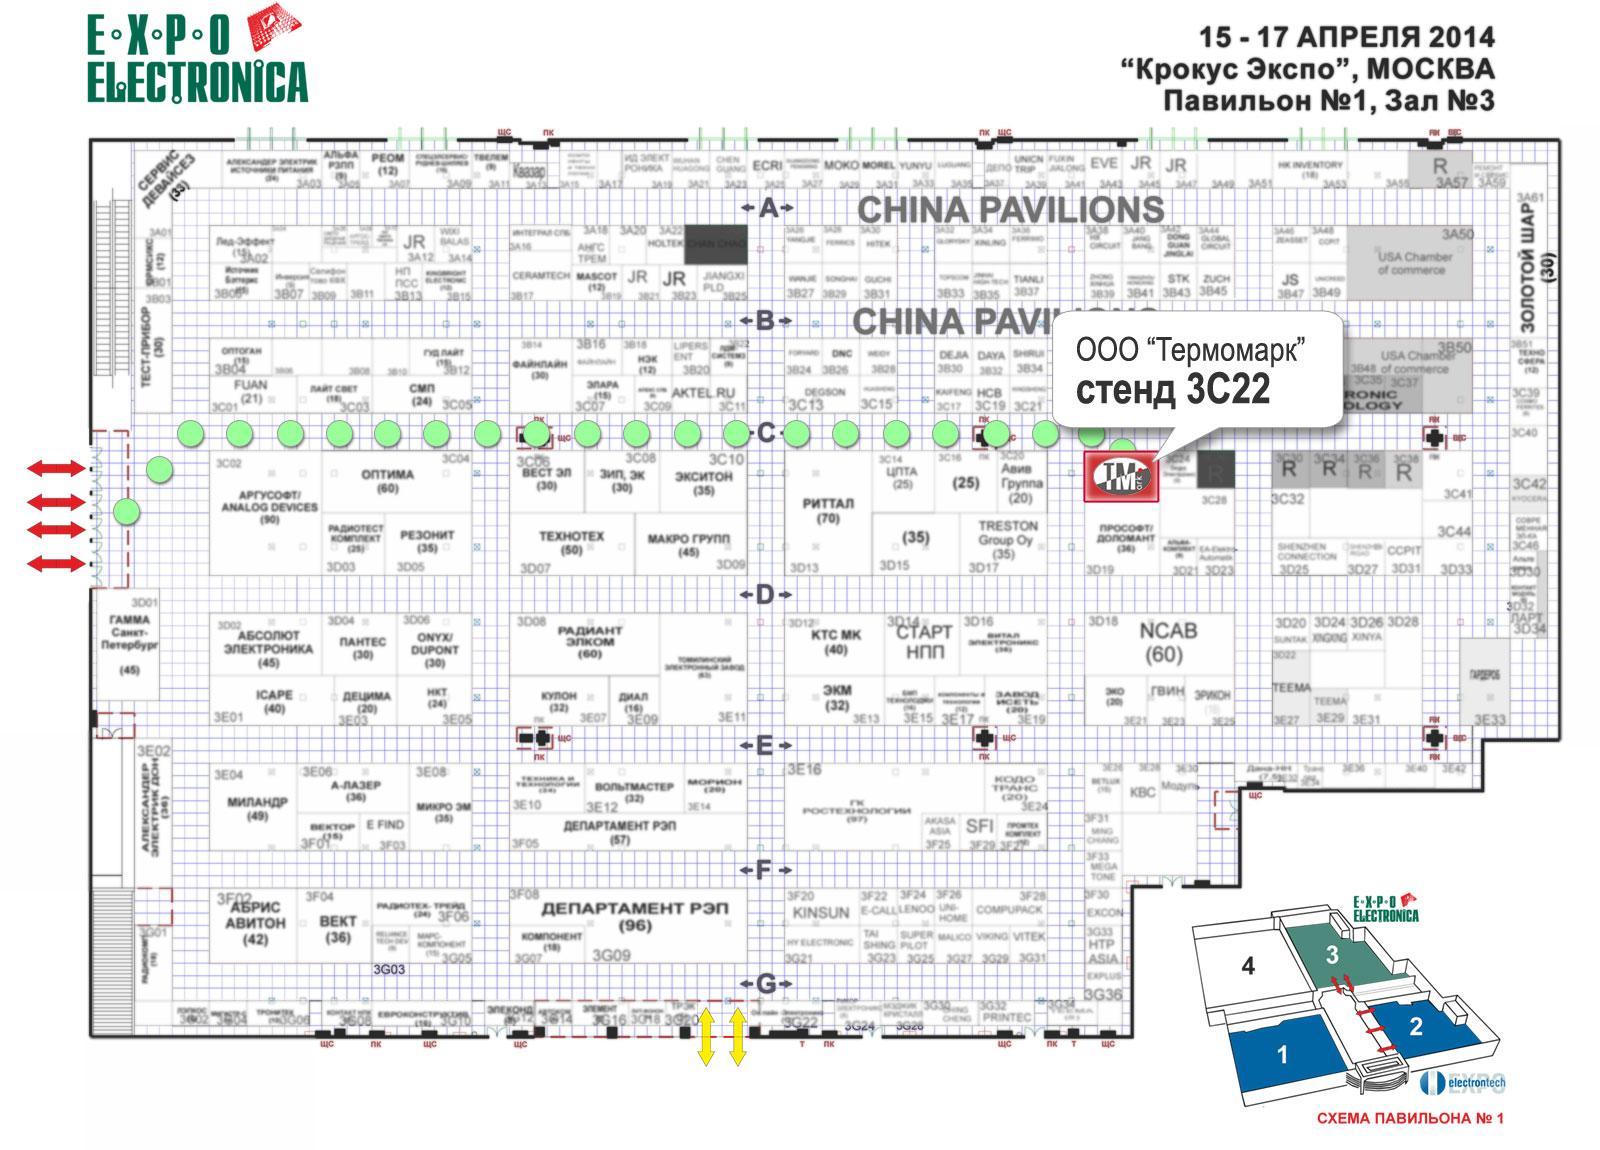 Термомарк на выставке ЭкспоЭлектроника 2014